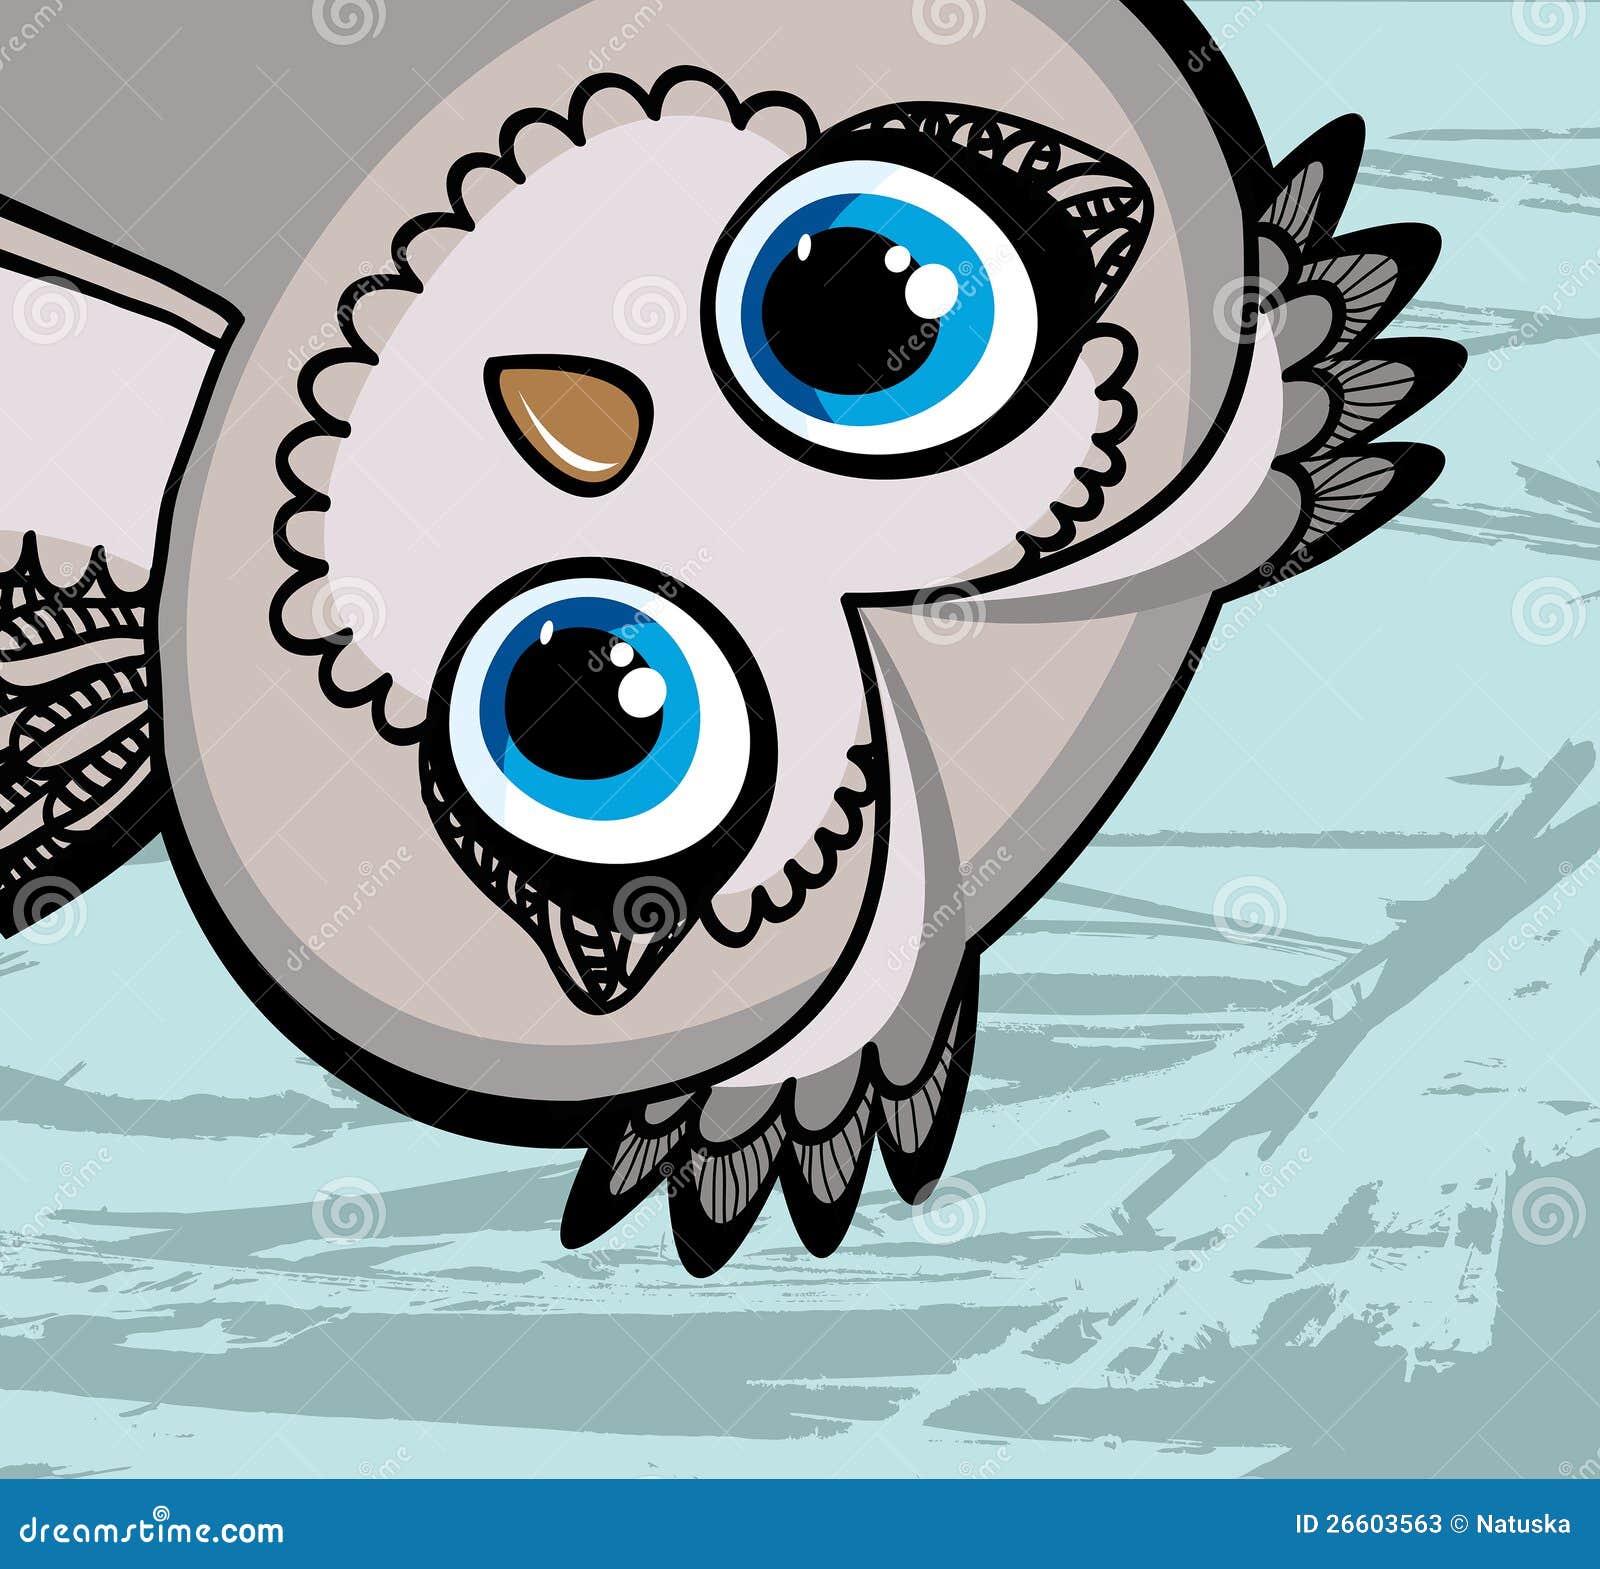 funny cartoon owls - photo #5